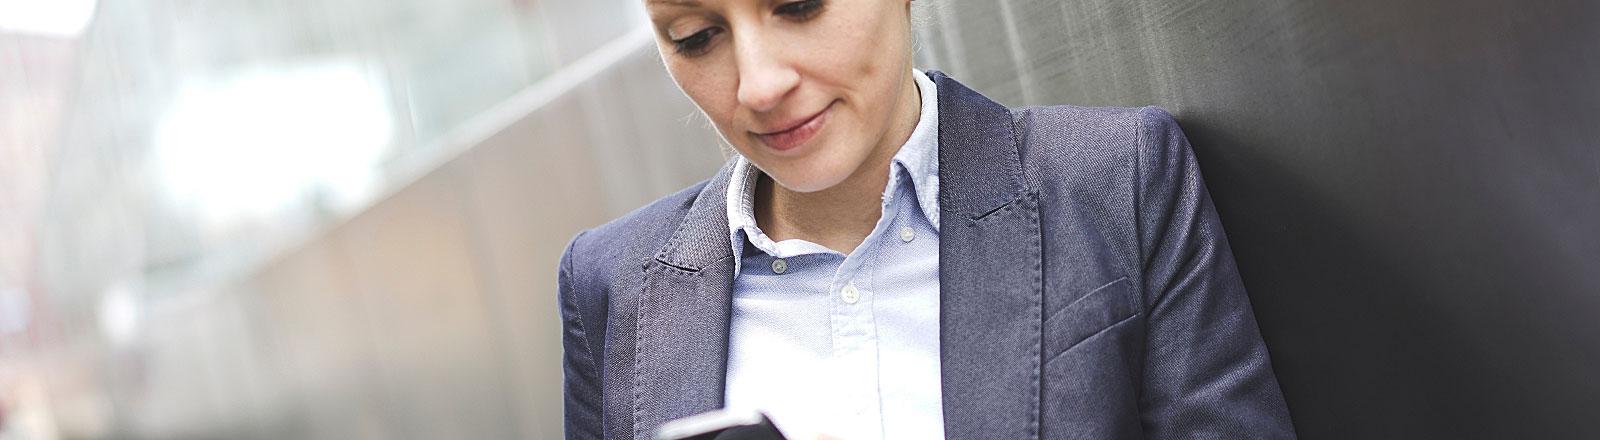 Frau mit Smartphone lehnt an einer Wand